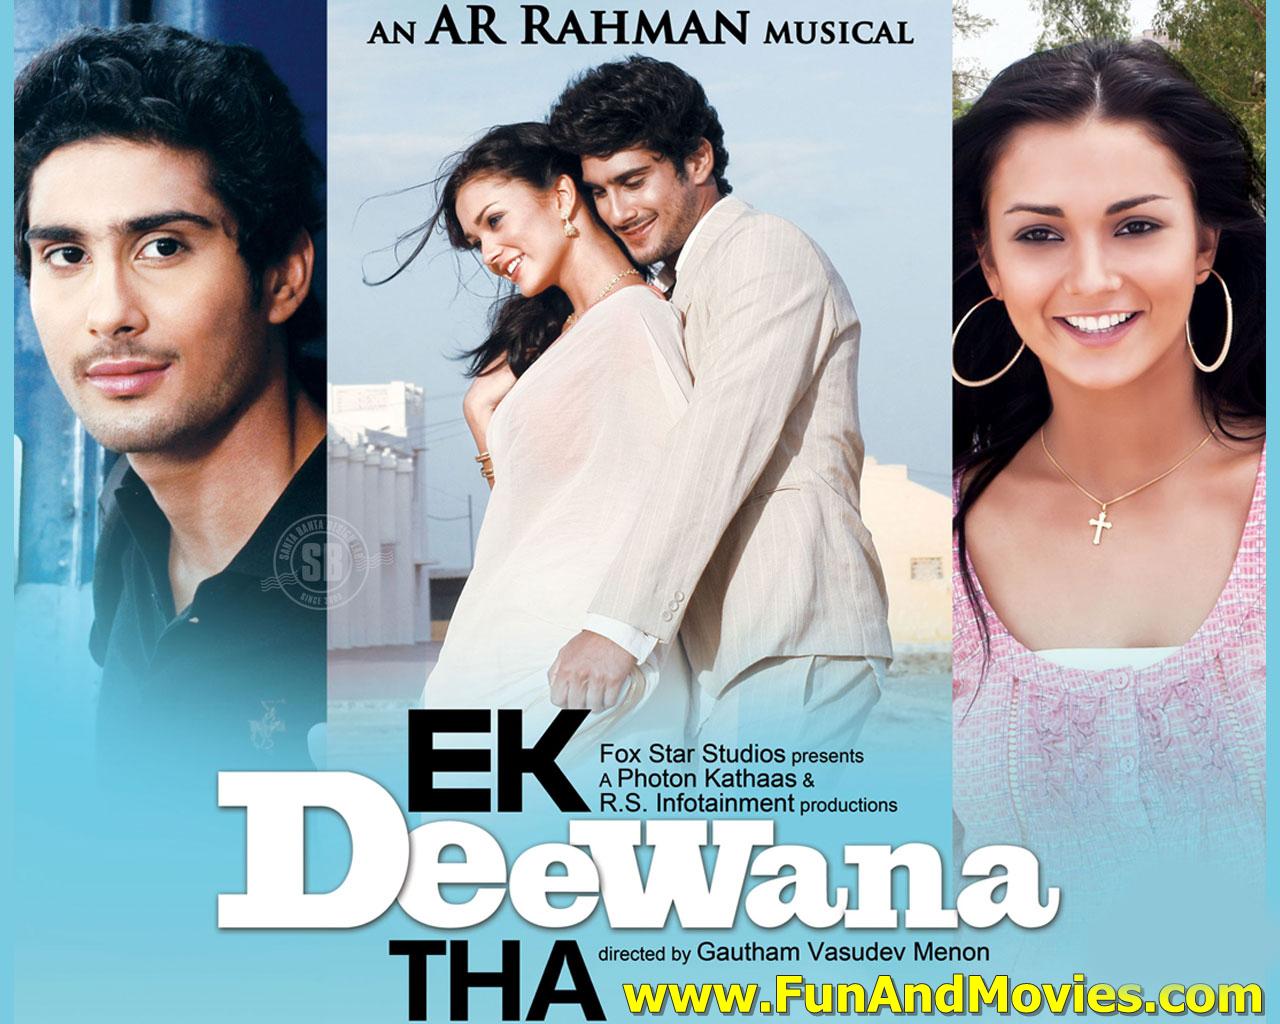 Ek Deewana Tha (2012) Hindi